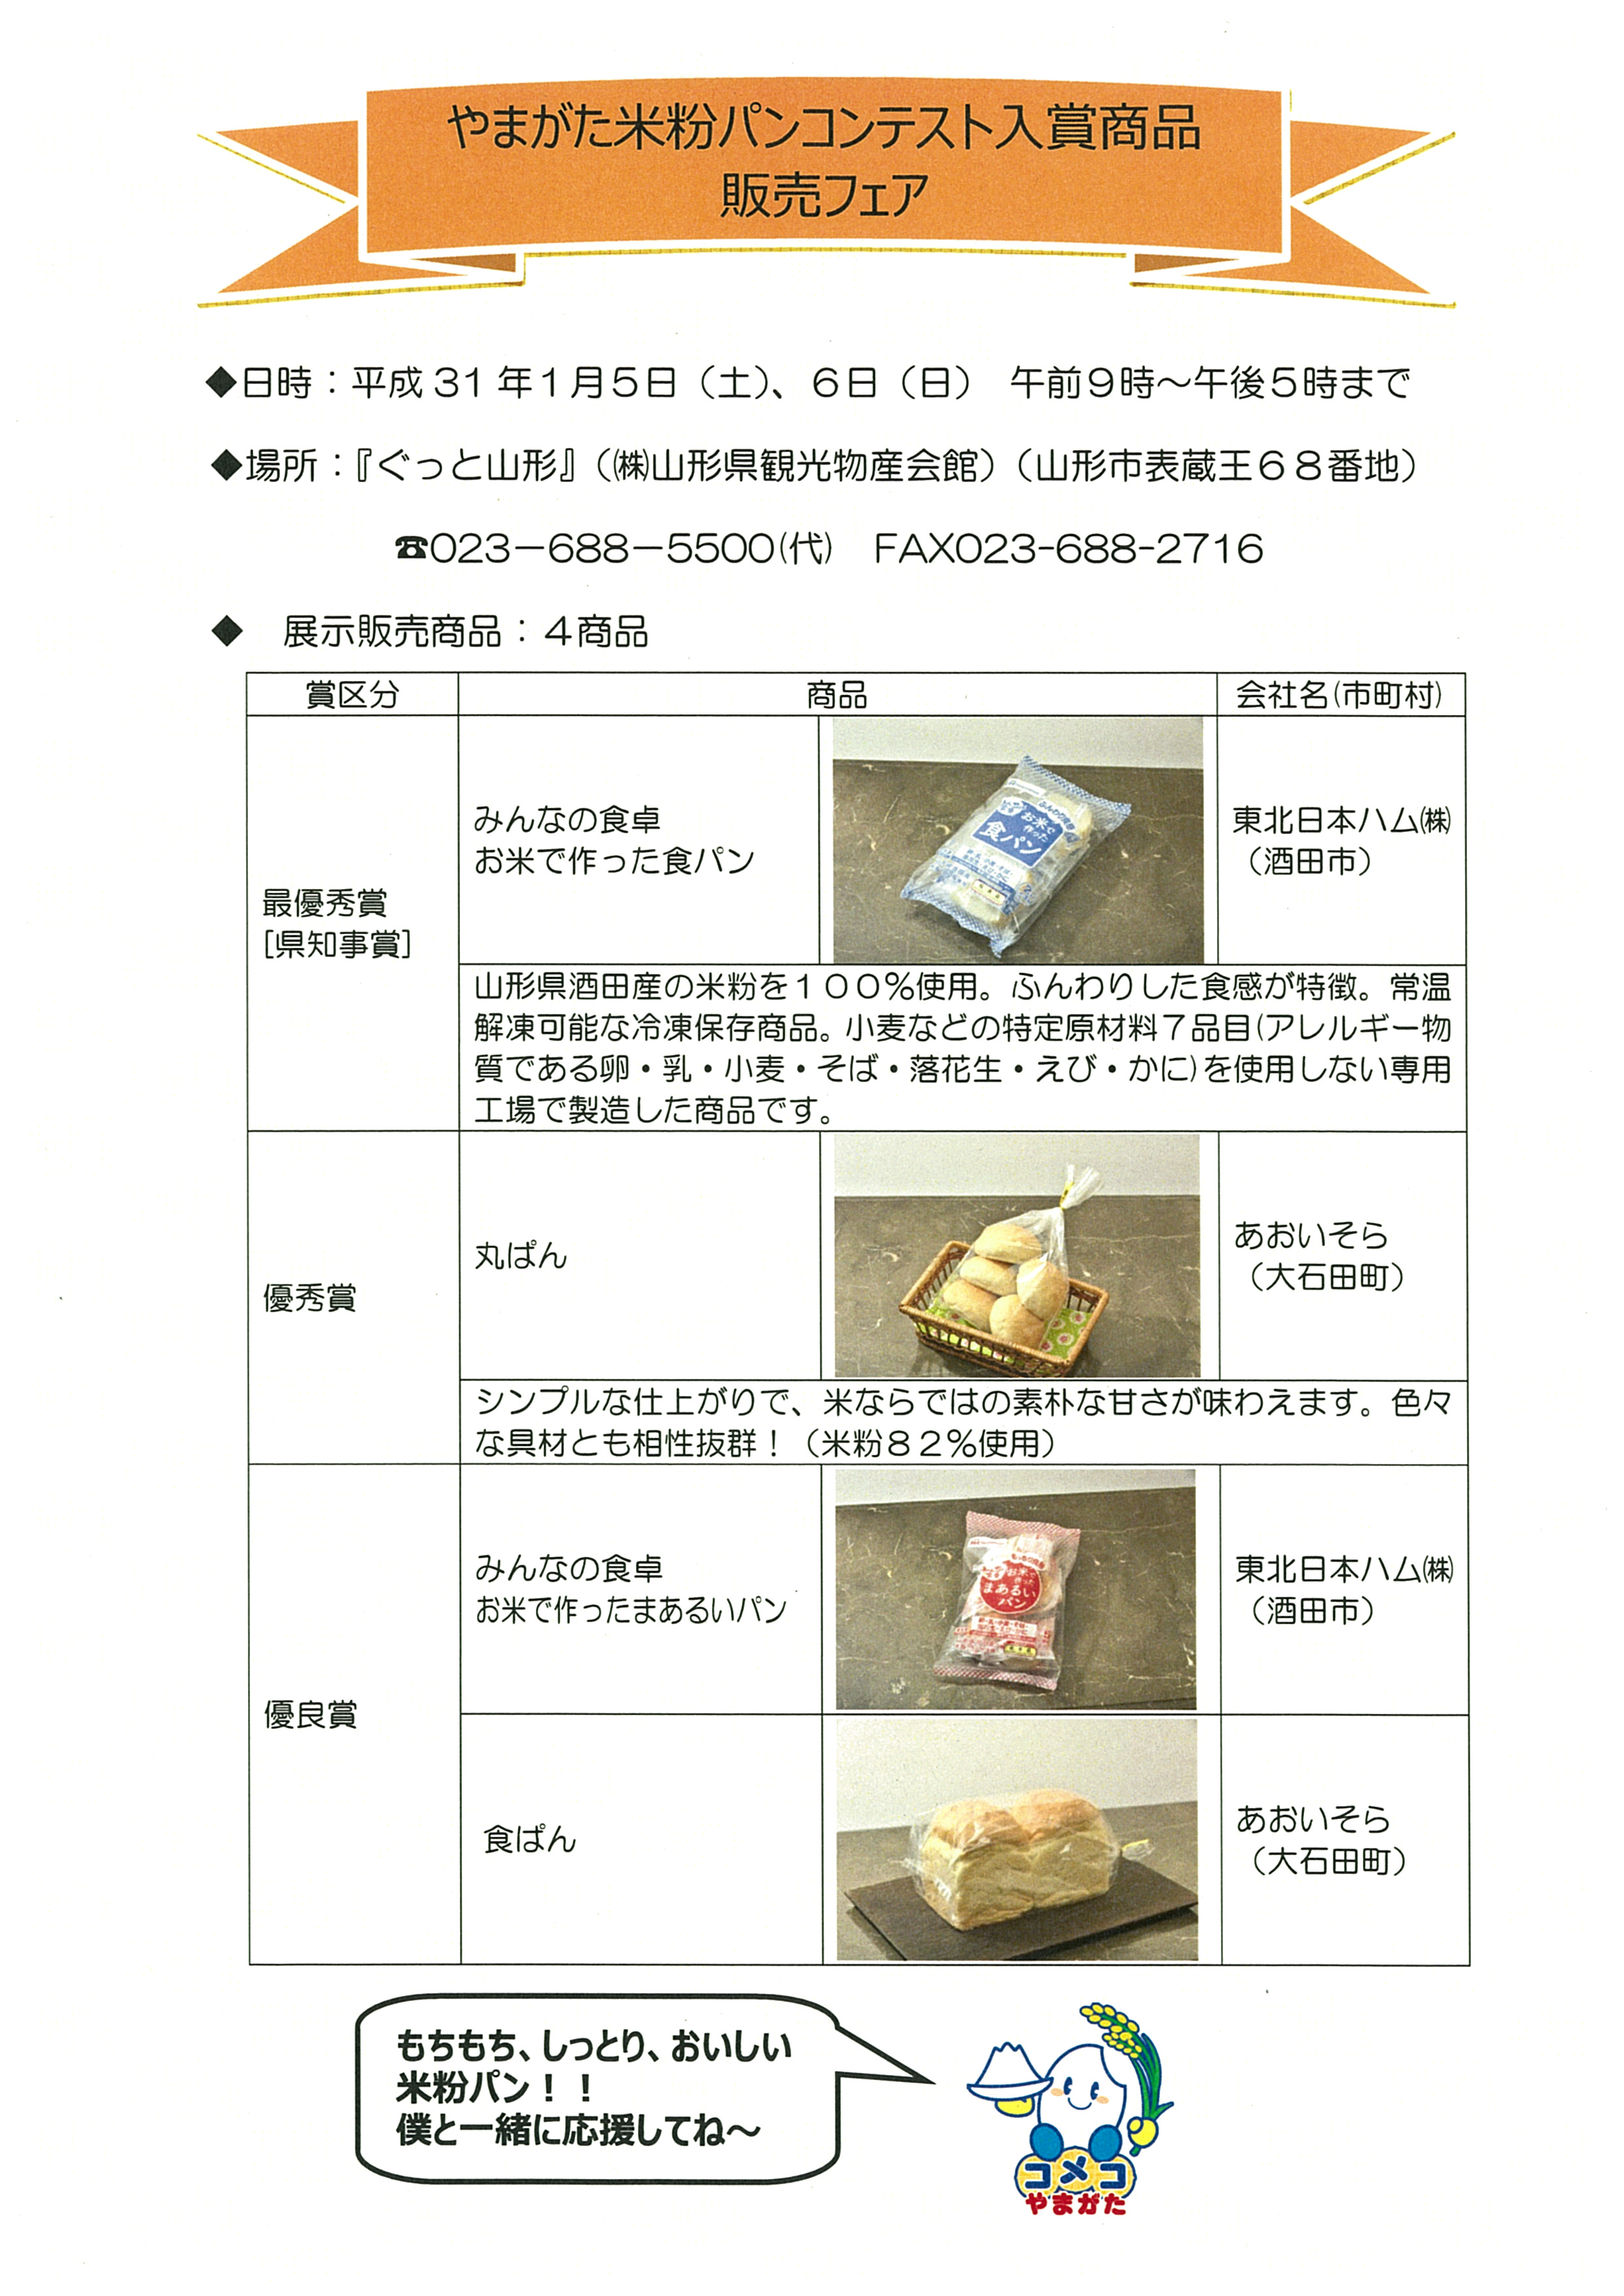 やまがた米粉パンコンテスト入賞商品の販売フェアの開催のお知らせ:画像